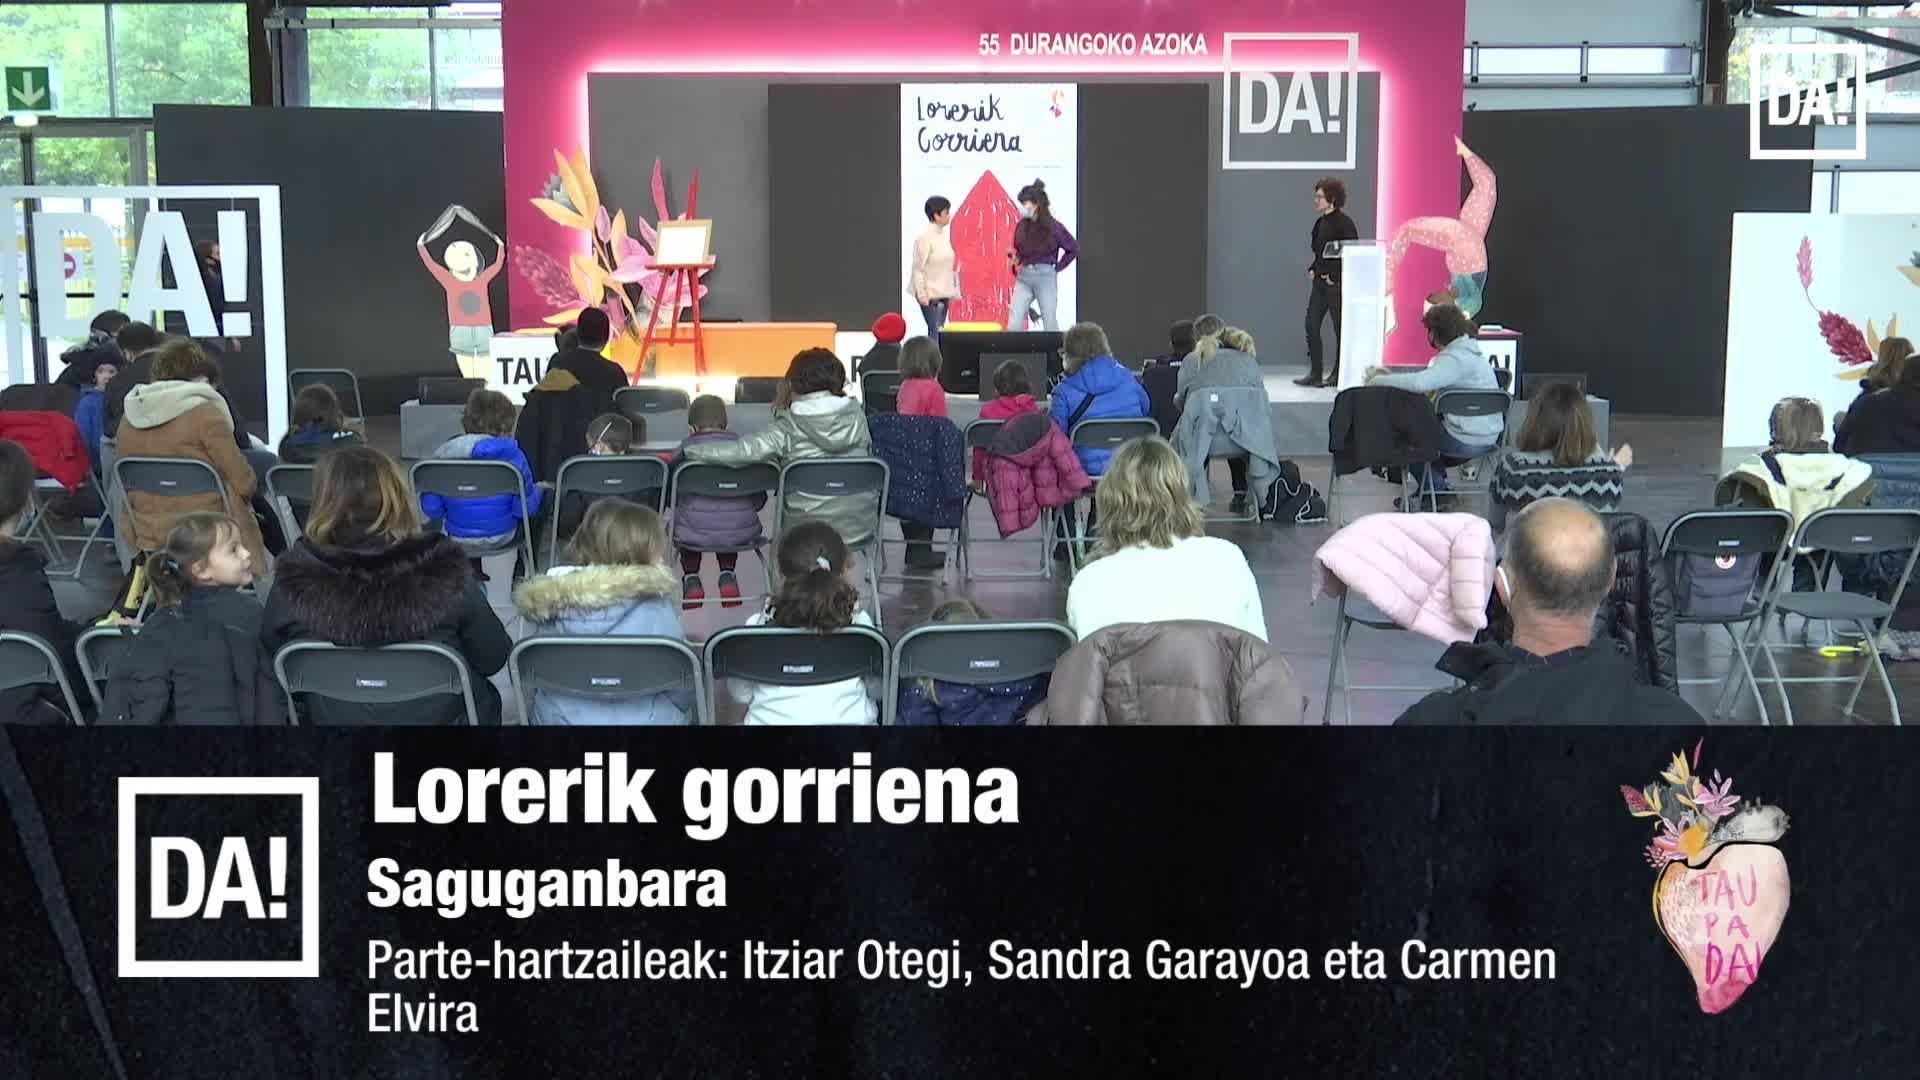 Lorerik gorriena